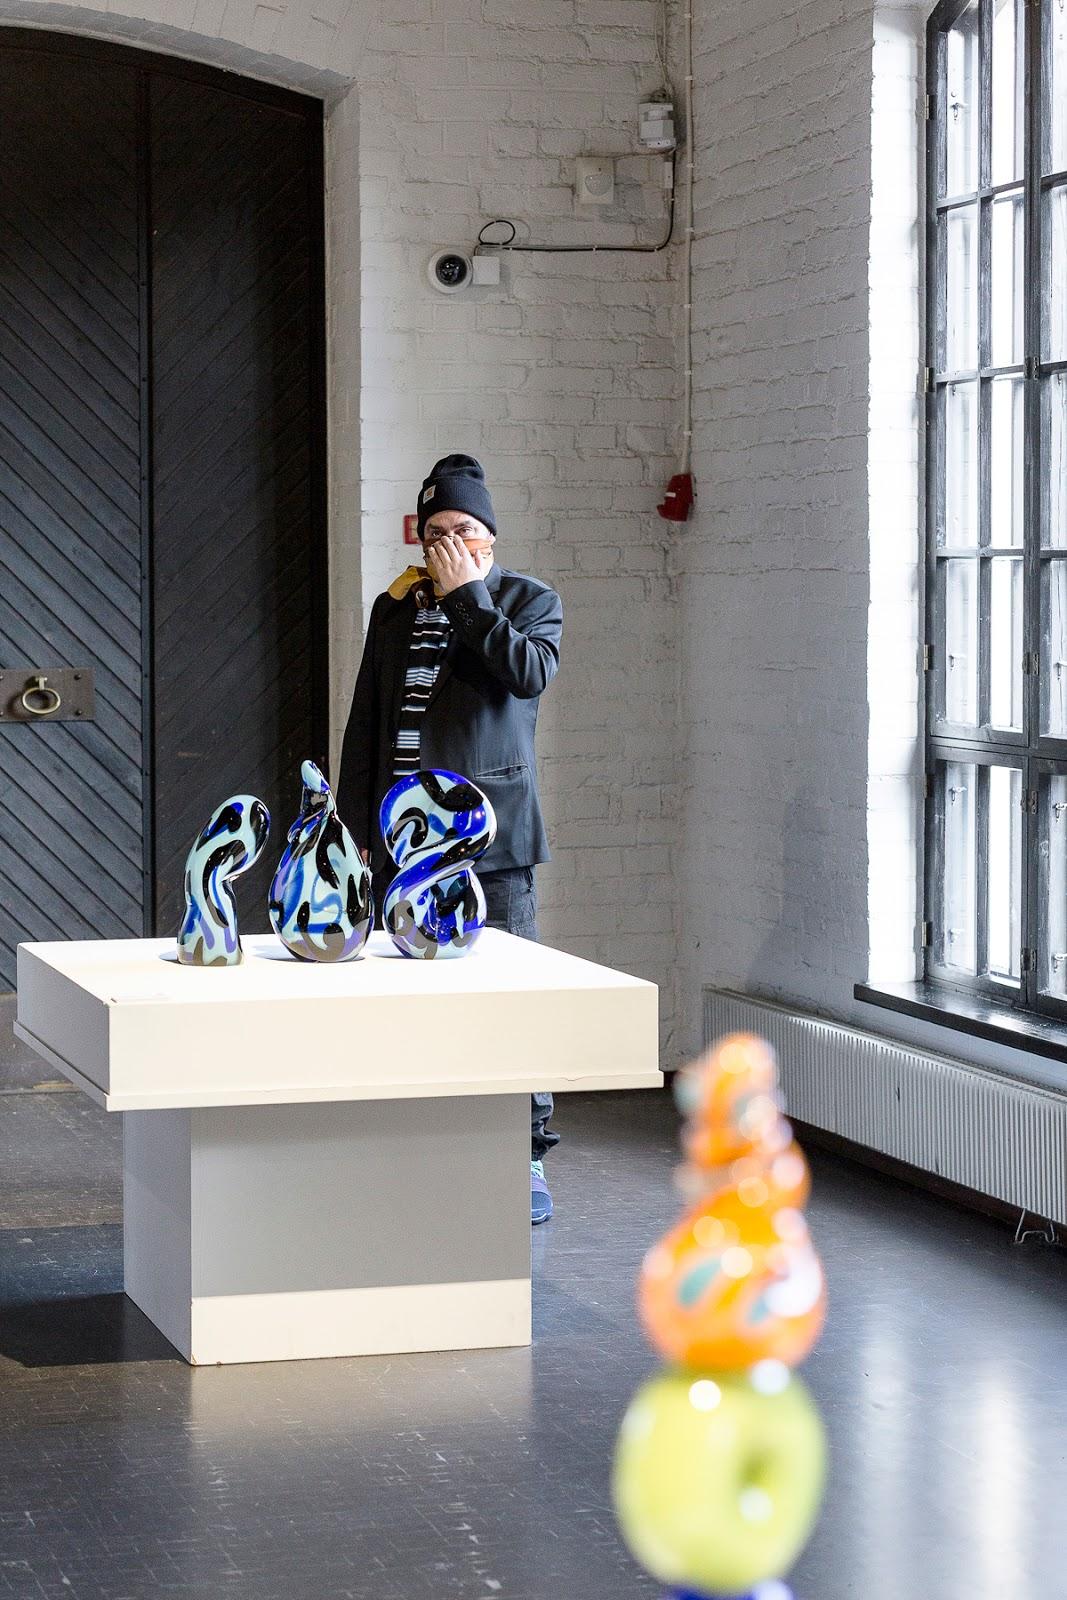 Suomen Lasimuseo, Riihimäki, museo, museum, glassmuseum, visitfinland, suomi, experience, travel, valokuvaaja, Frida Steiner, visualaddictfrida, näyttely, taide, taidenäyttely, galleria, EGS, graffititaiteilija, writing stories with three letters